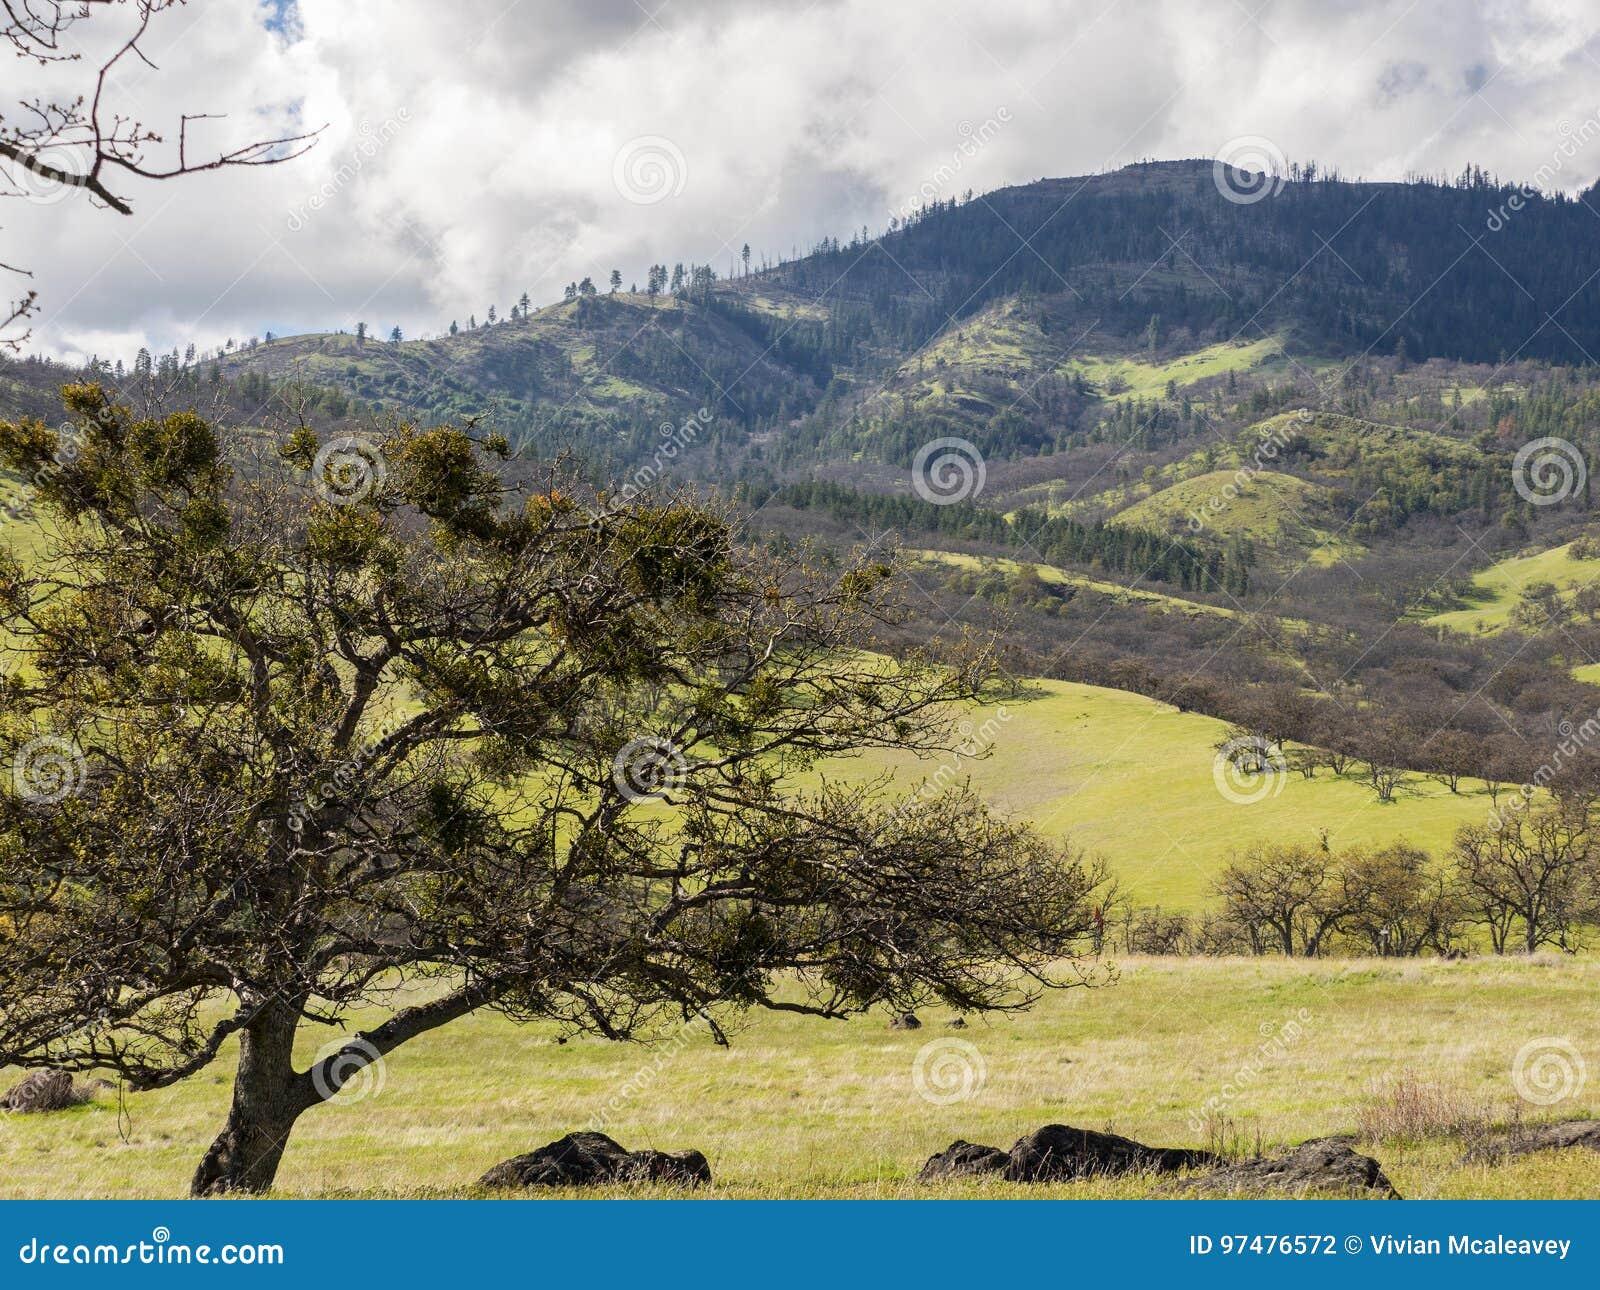 Prati verdi sulle montagne con le querce